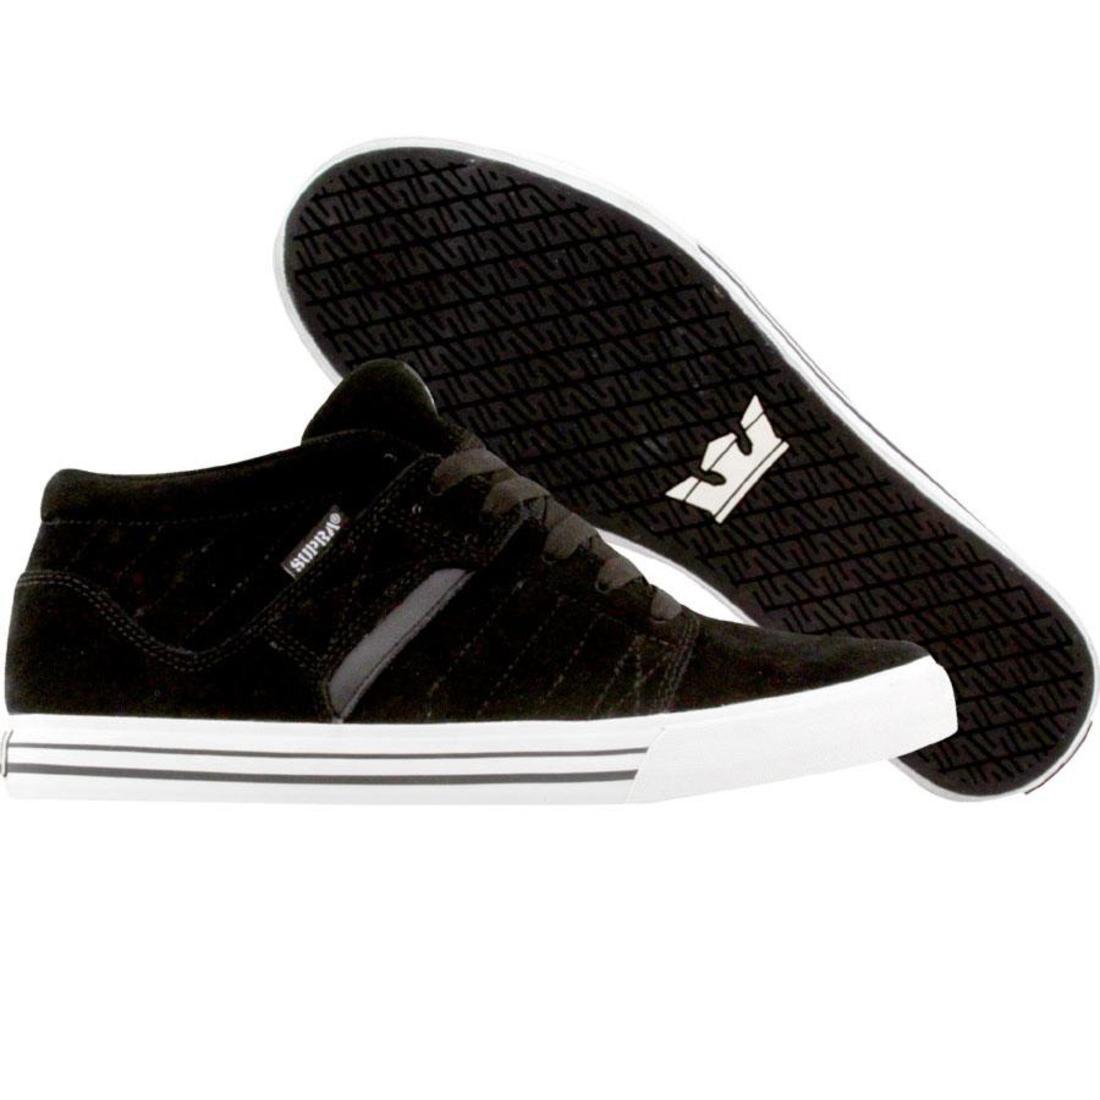 【海外限定】スープラ ディアブロ 1.5 靴 スニーカー 【 SUPRA EE DIABLO BLACK SUEDE 】